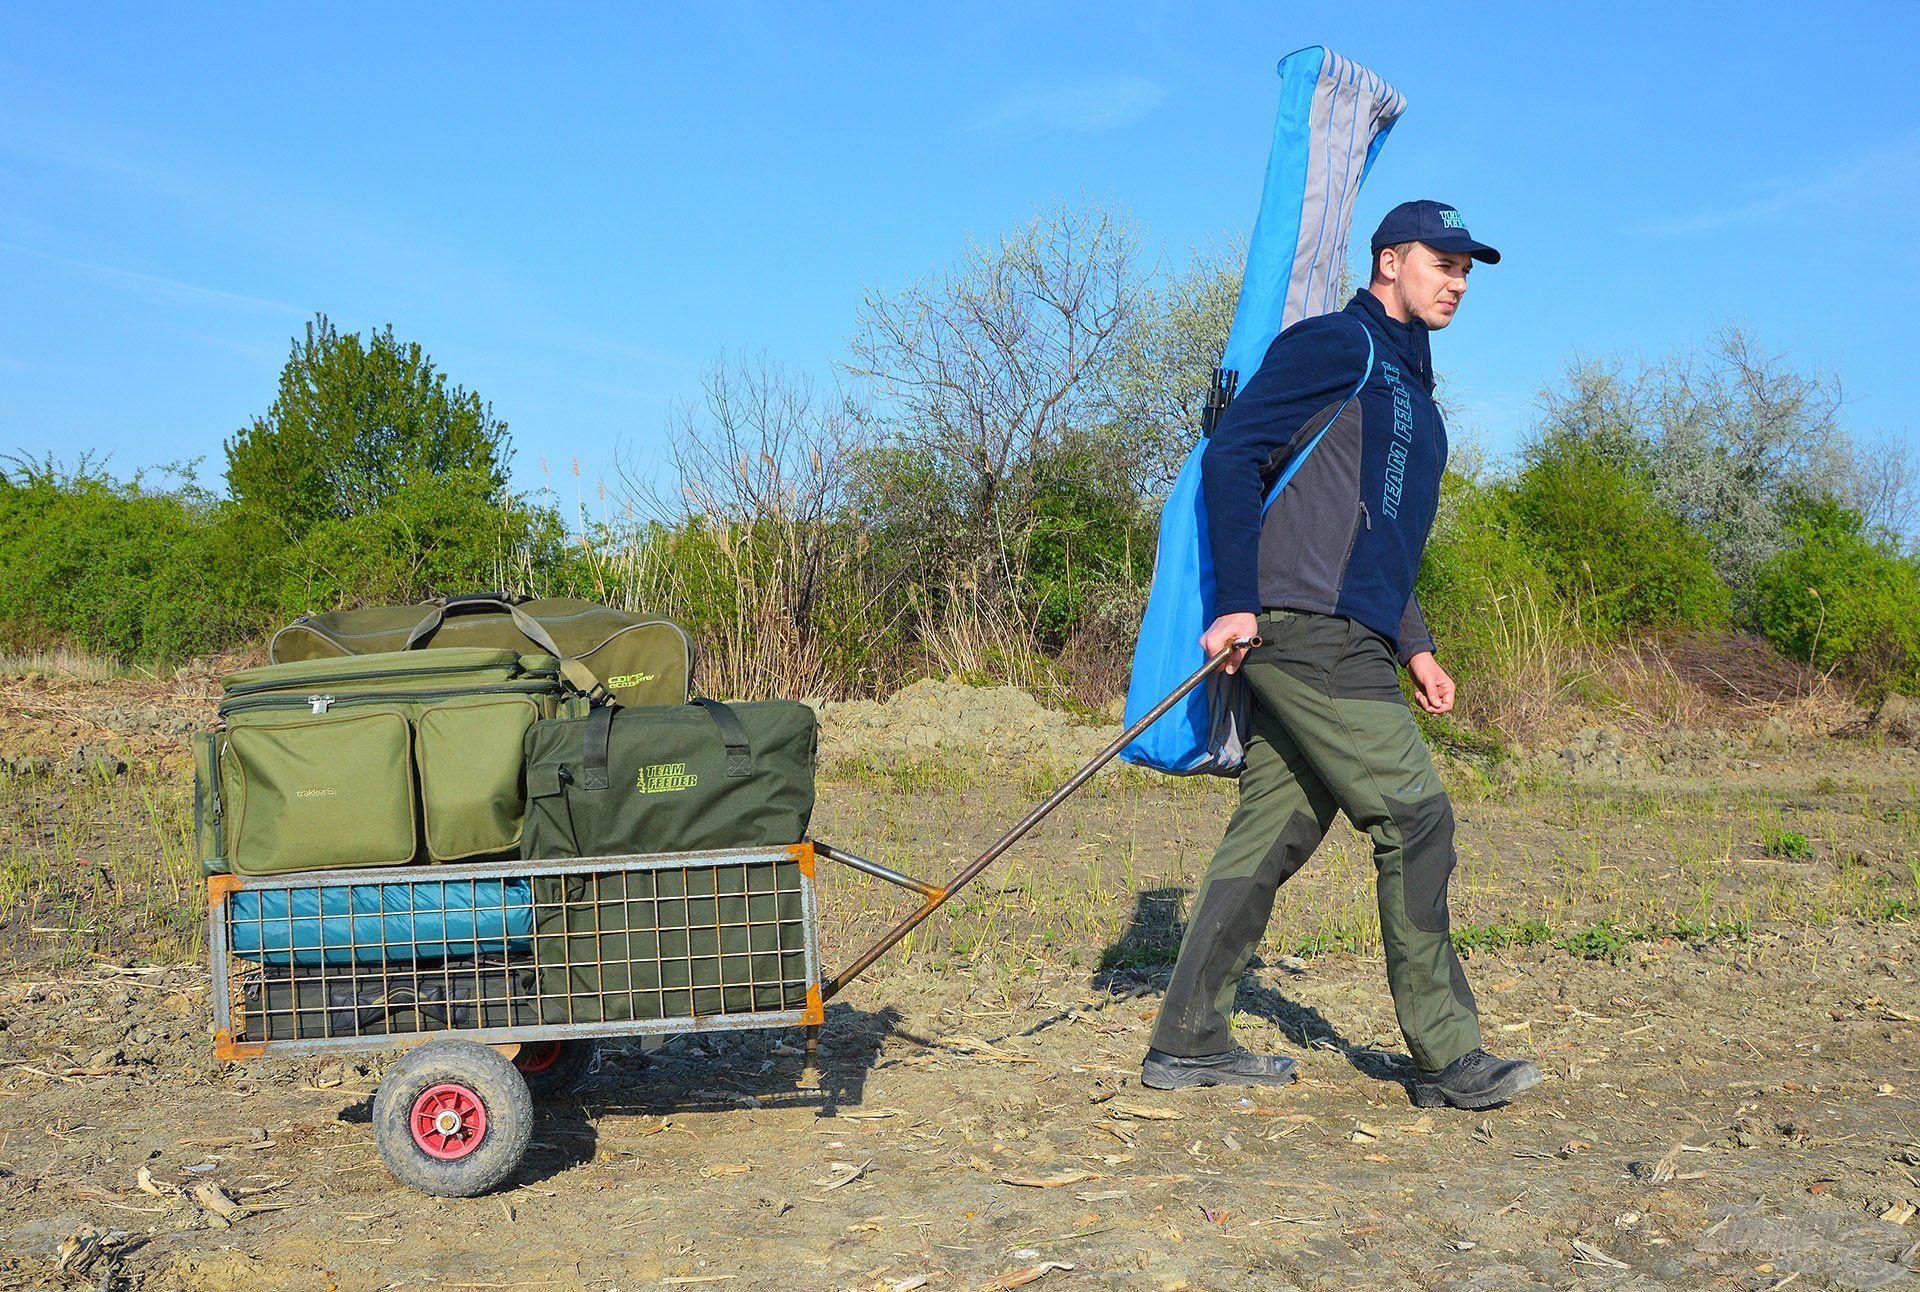 Nagy segítség a felszerelések célba juttatásához a szerelékes kiskocsi, amit bárki igénybe vehet a tó szolgáltatásai közül